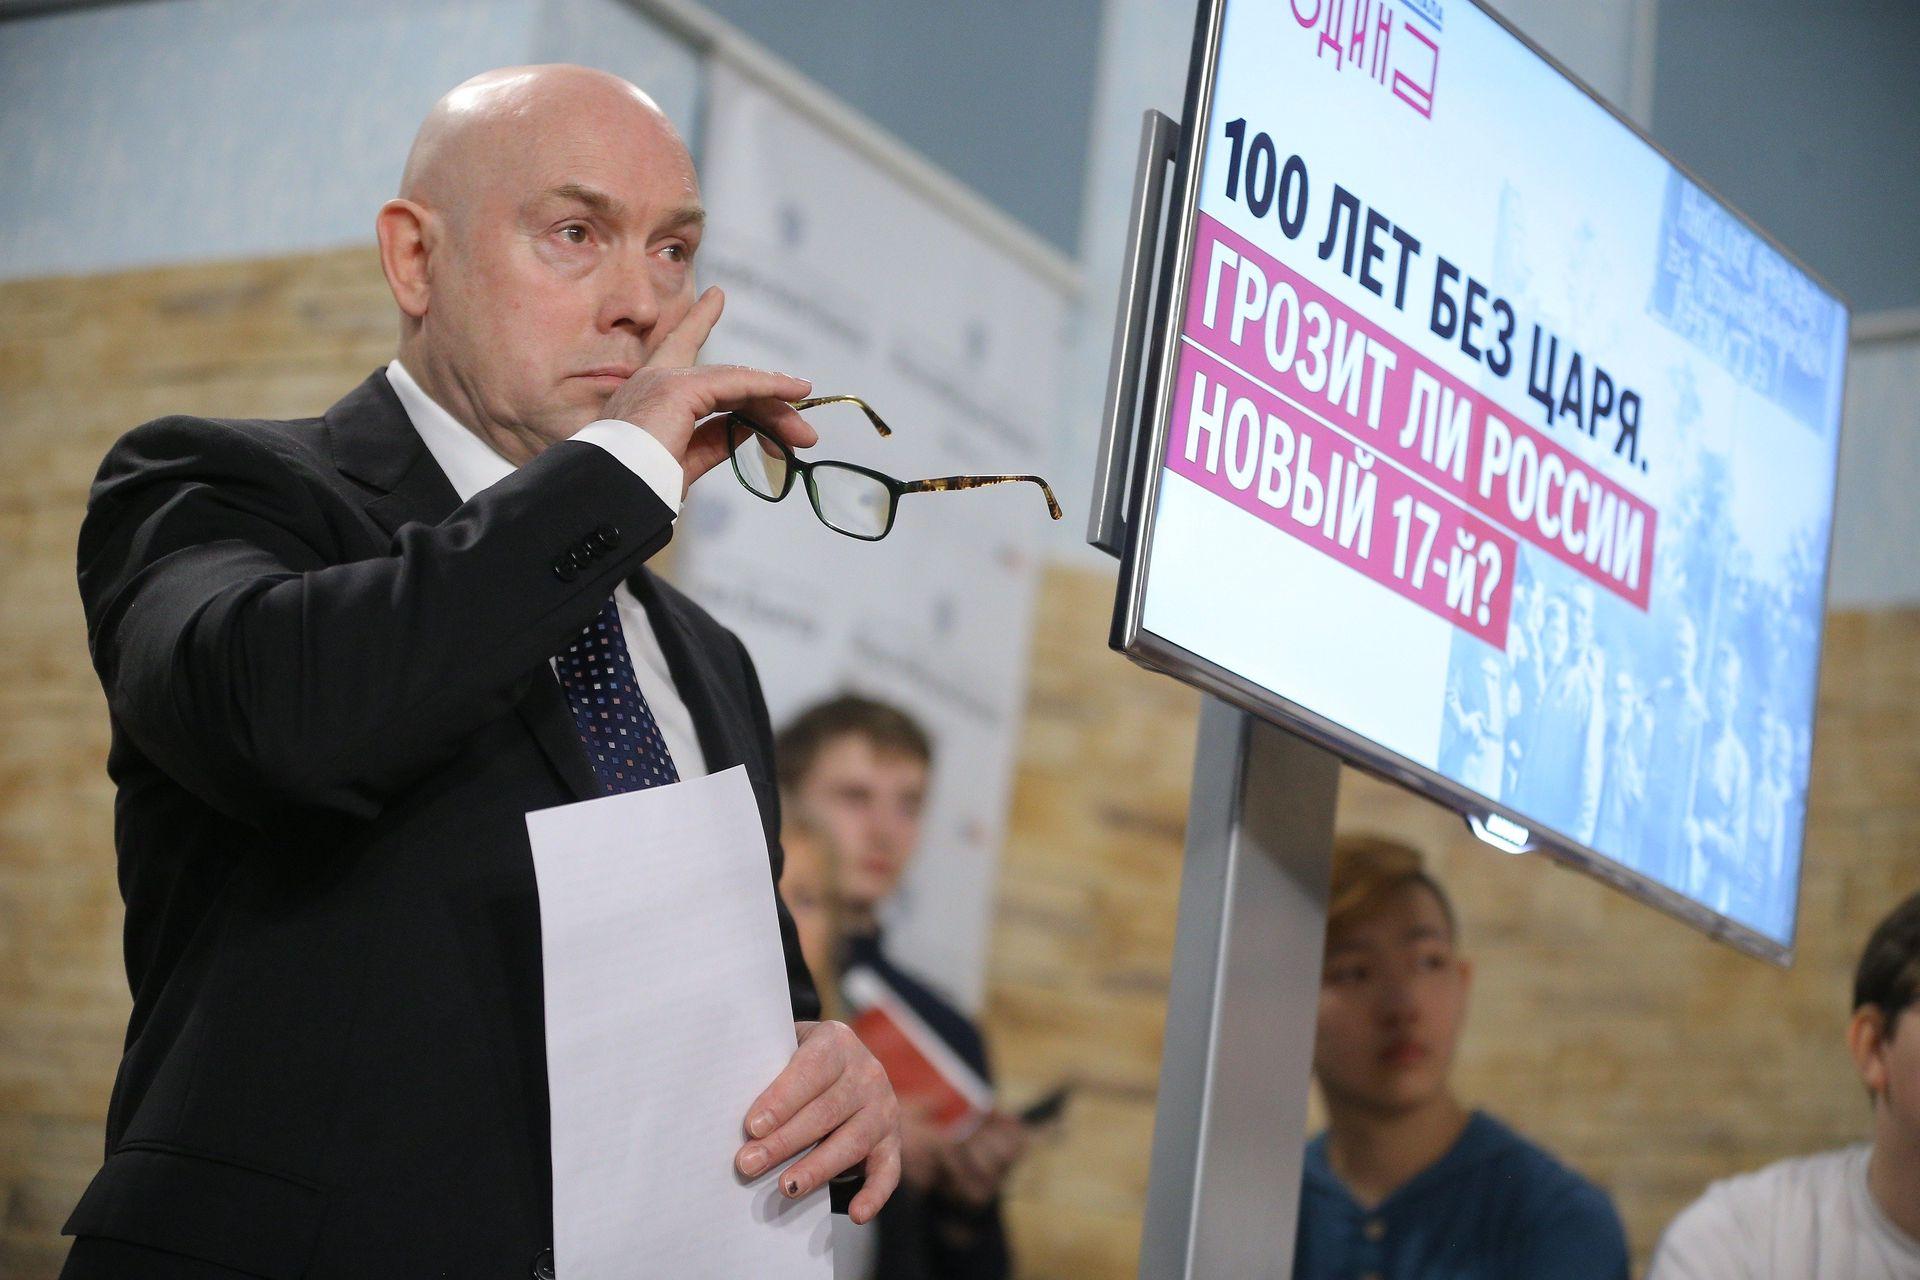 Виктор Сухоруков: Когда слышу: 'Витя, брат, привет!..' -  всегда радуюсь. / Александр Корольков